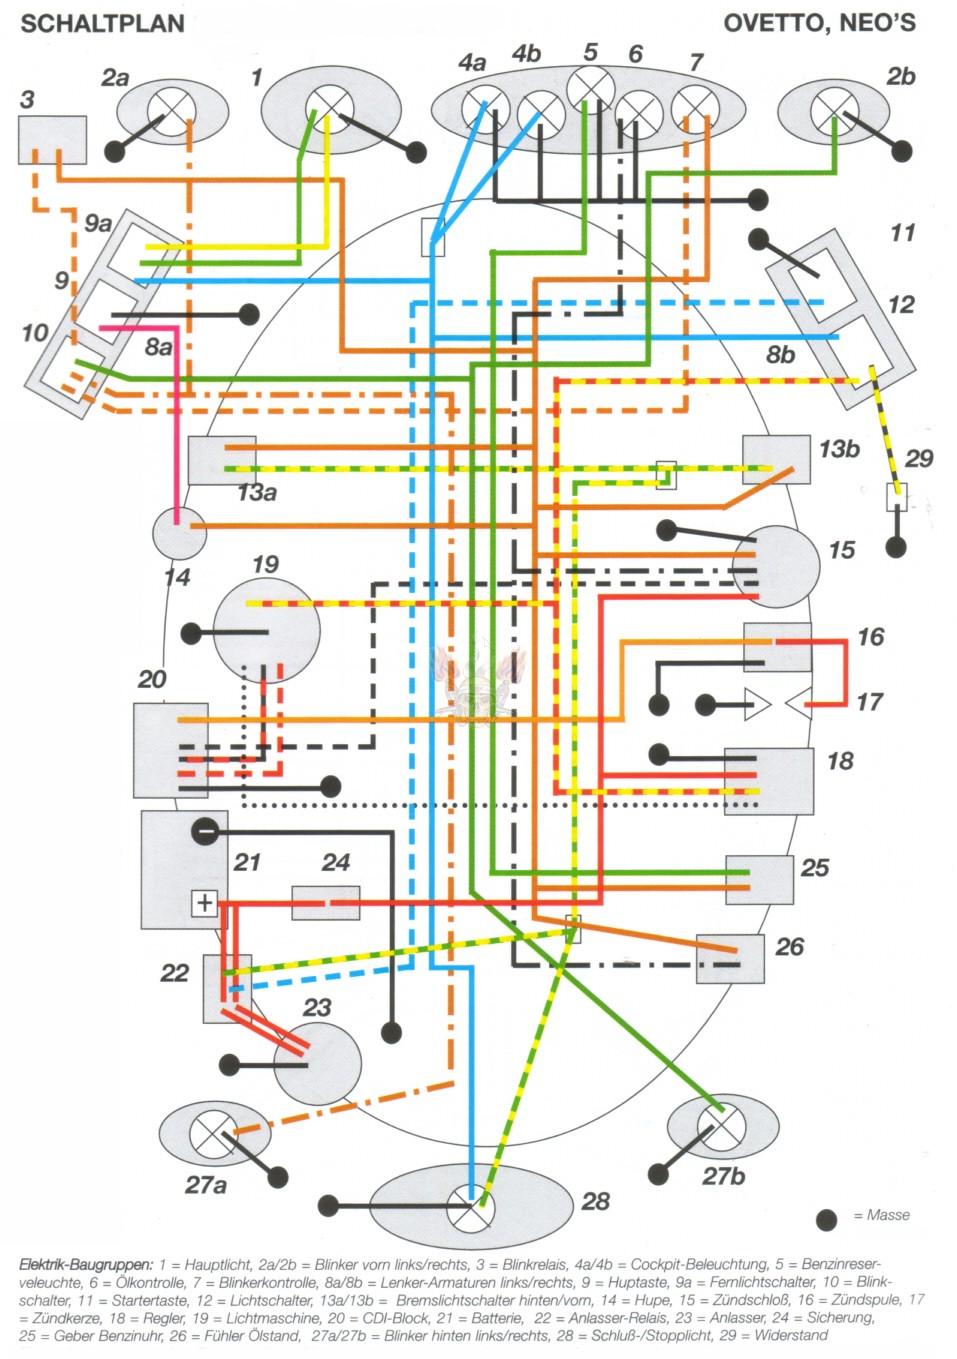 yamaha neos 50 wiring diagram